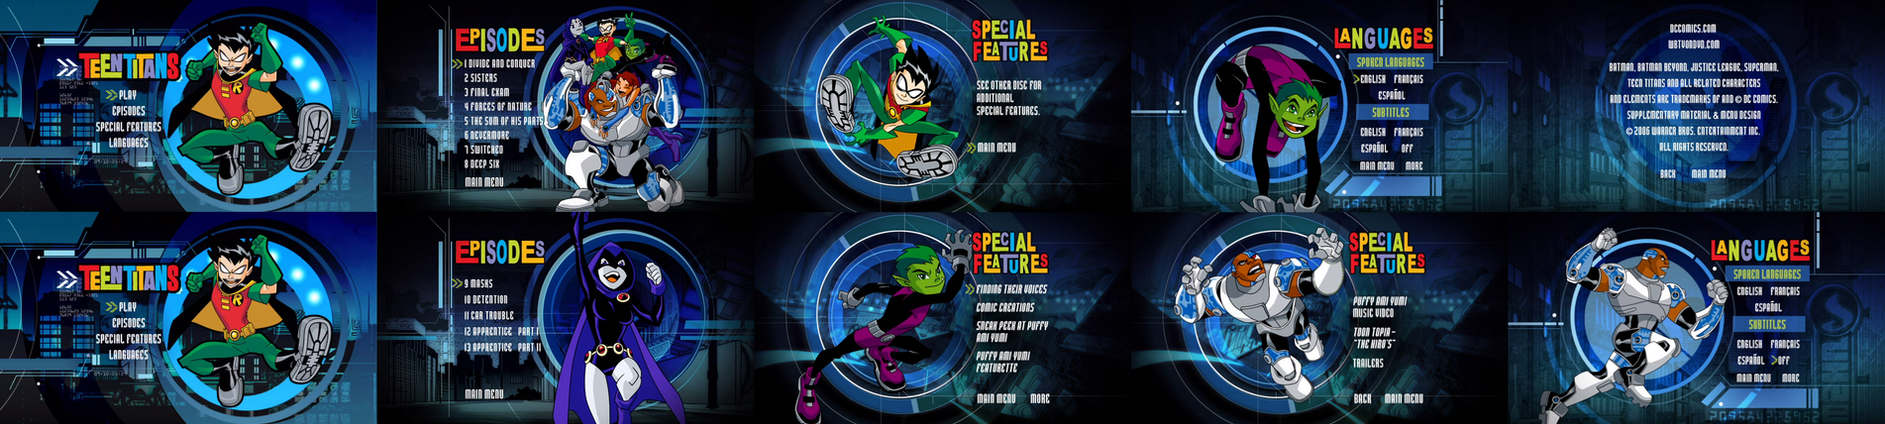 Teen Titans Season 1 Dvd Menus By Dakotaatokad On Deviantart-6862